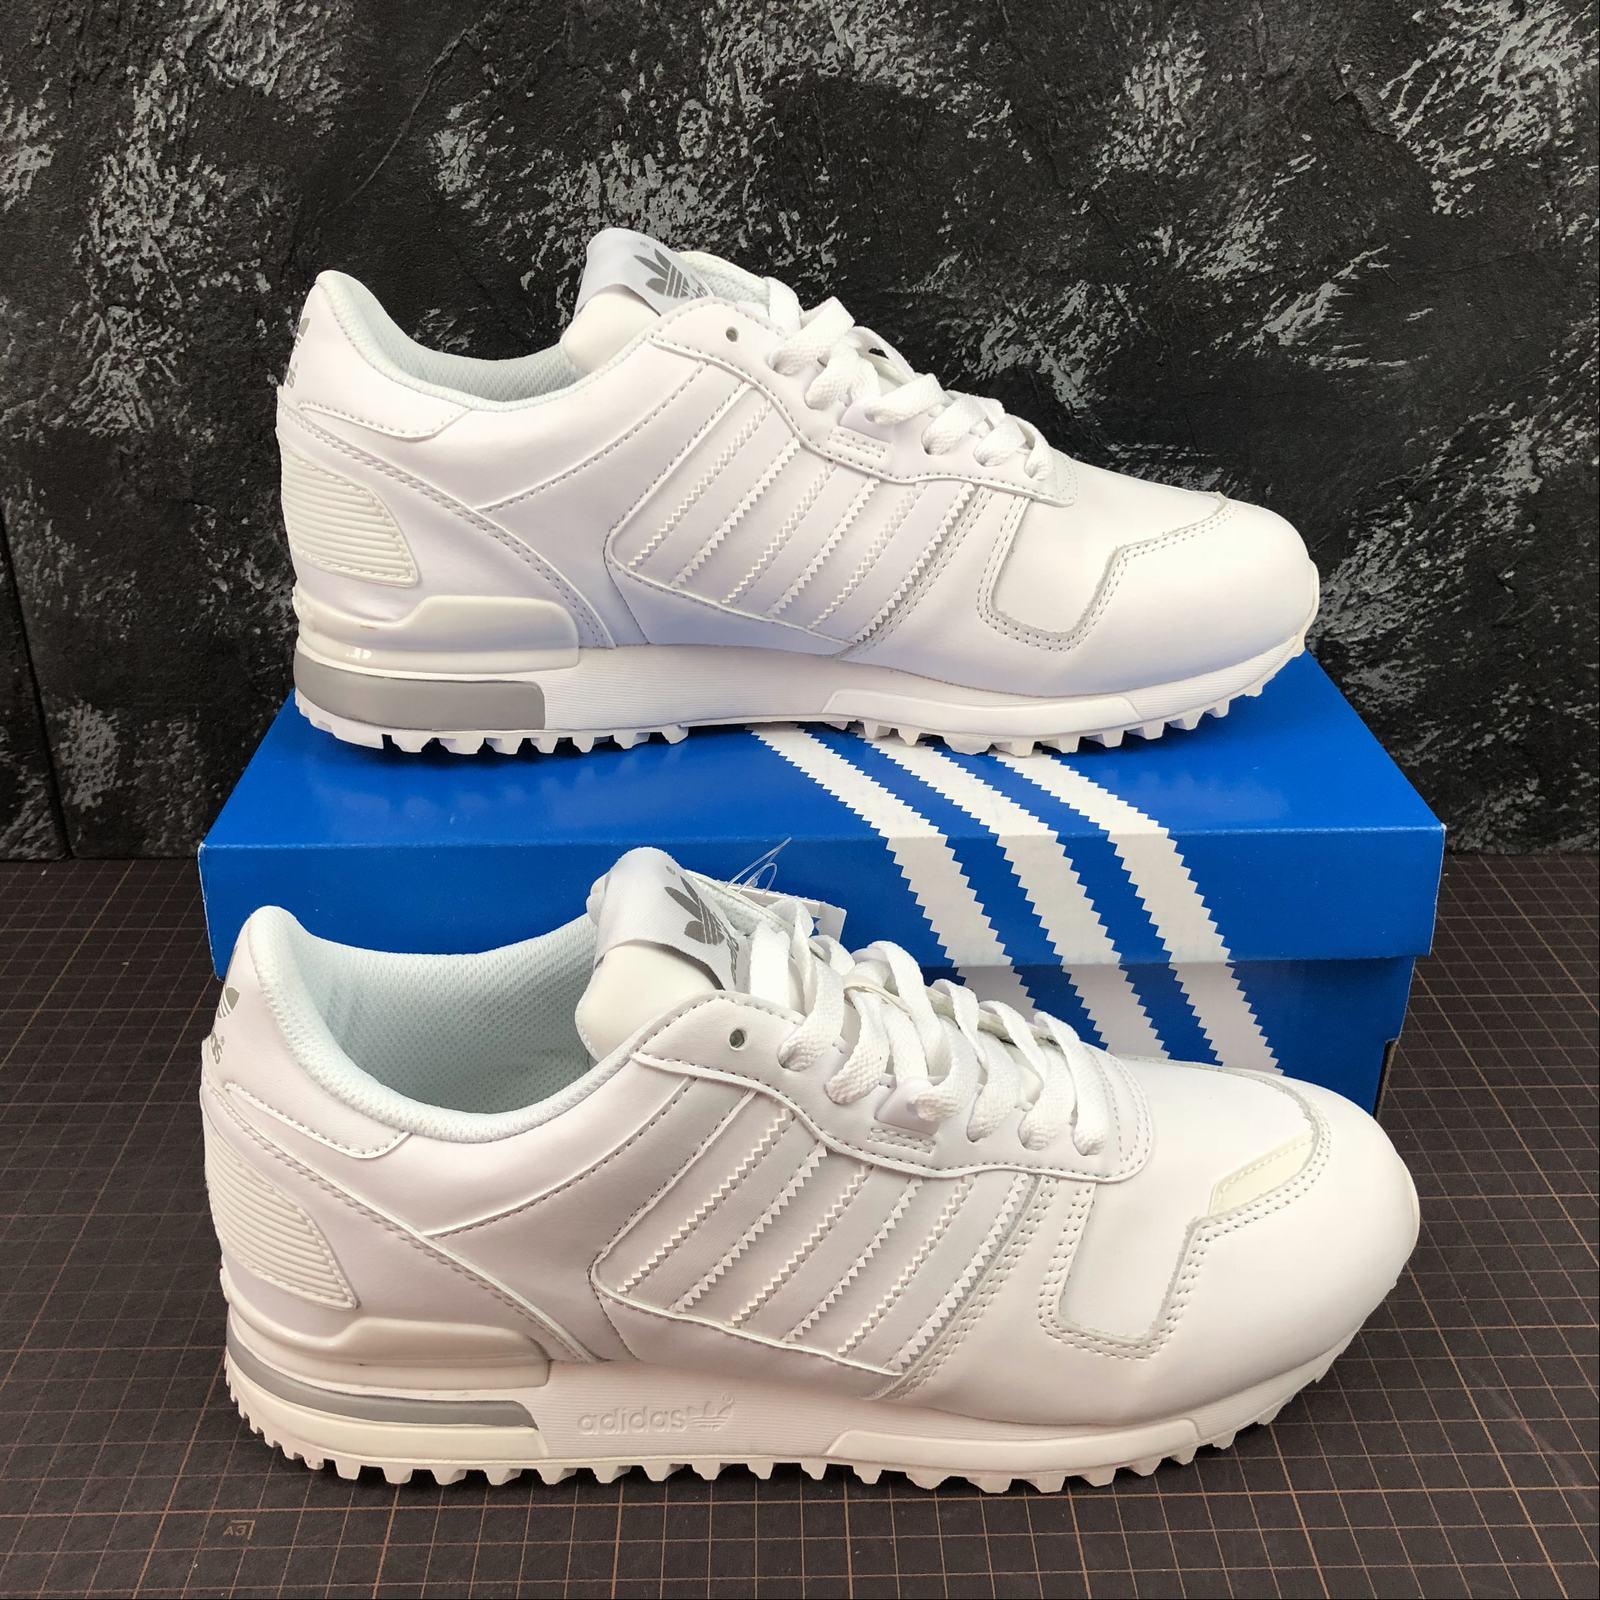 giay-sneaker-adidas-zx700-g62110